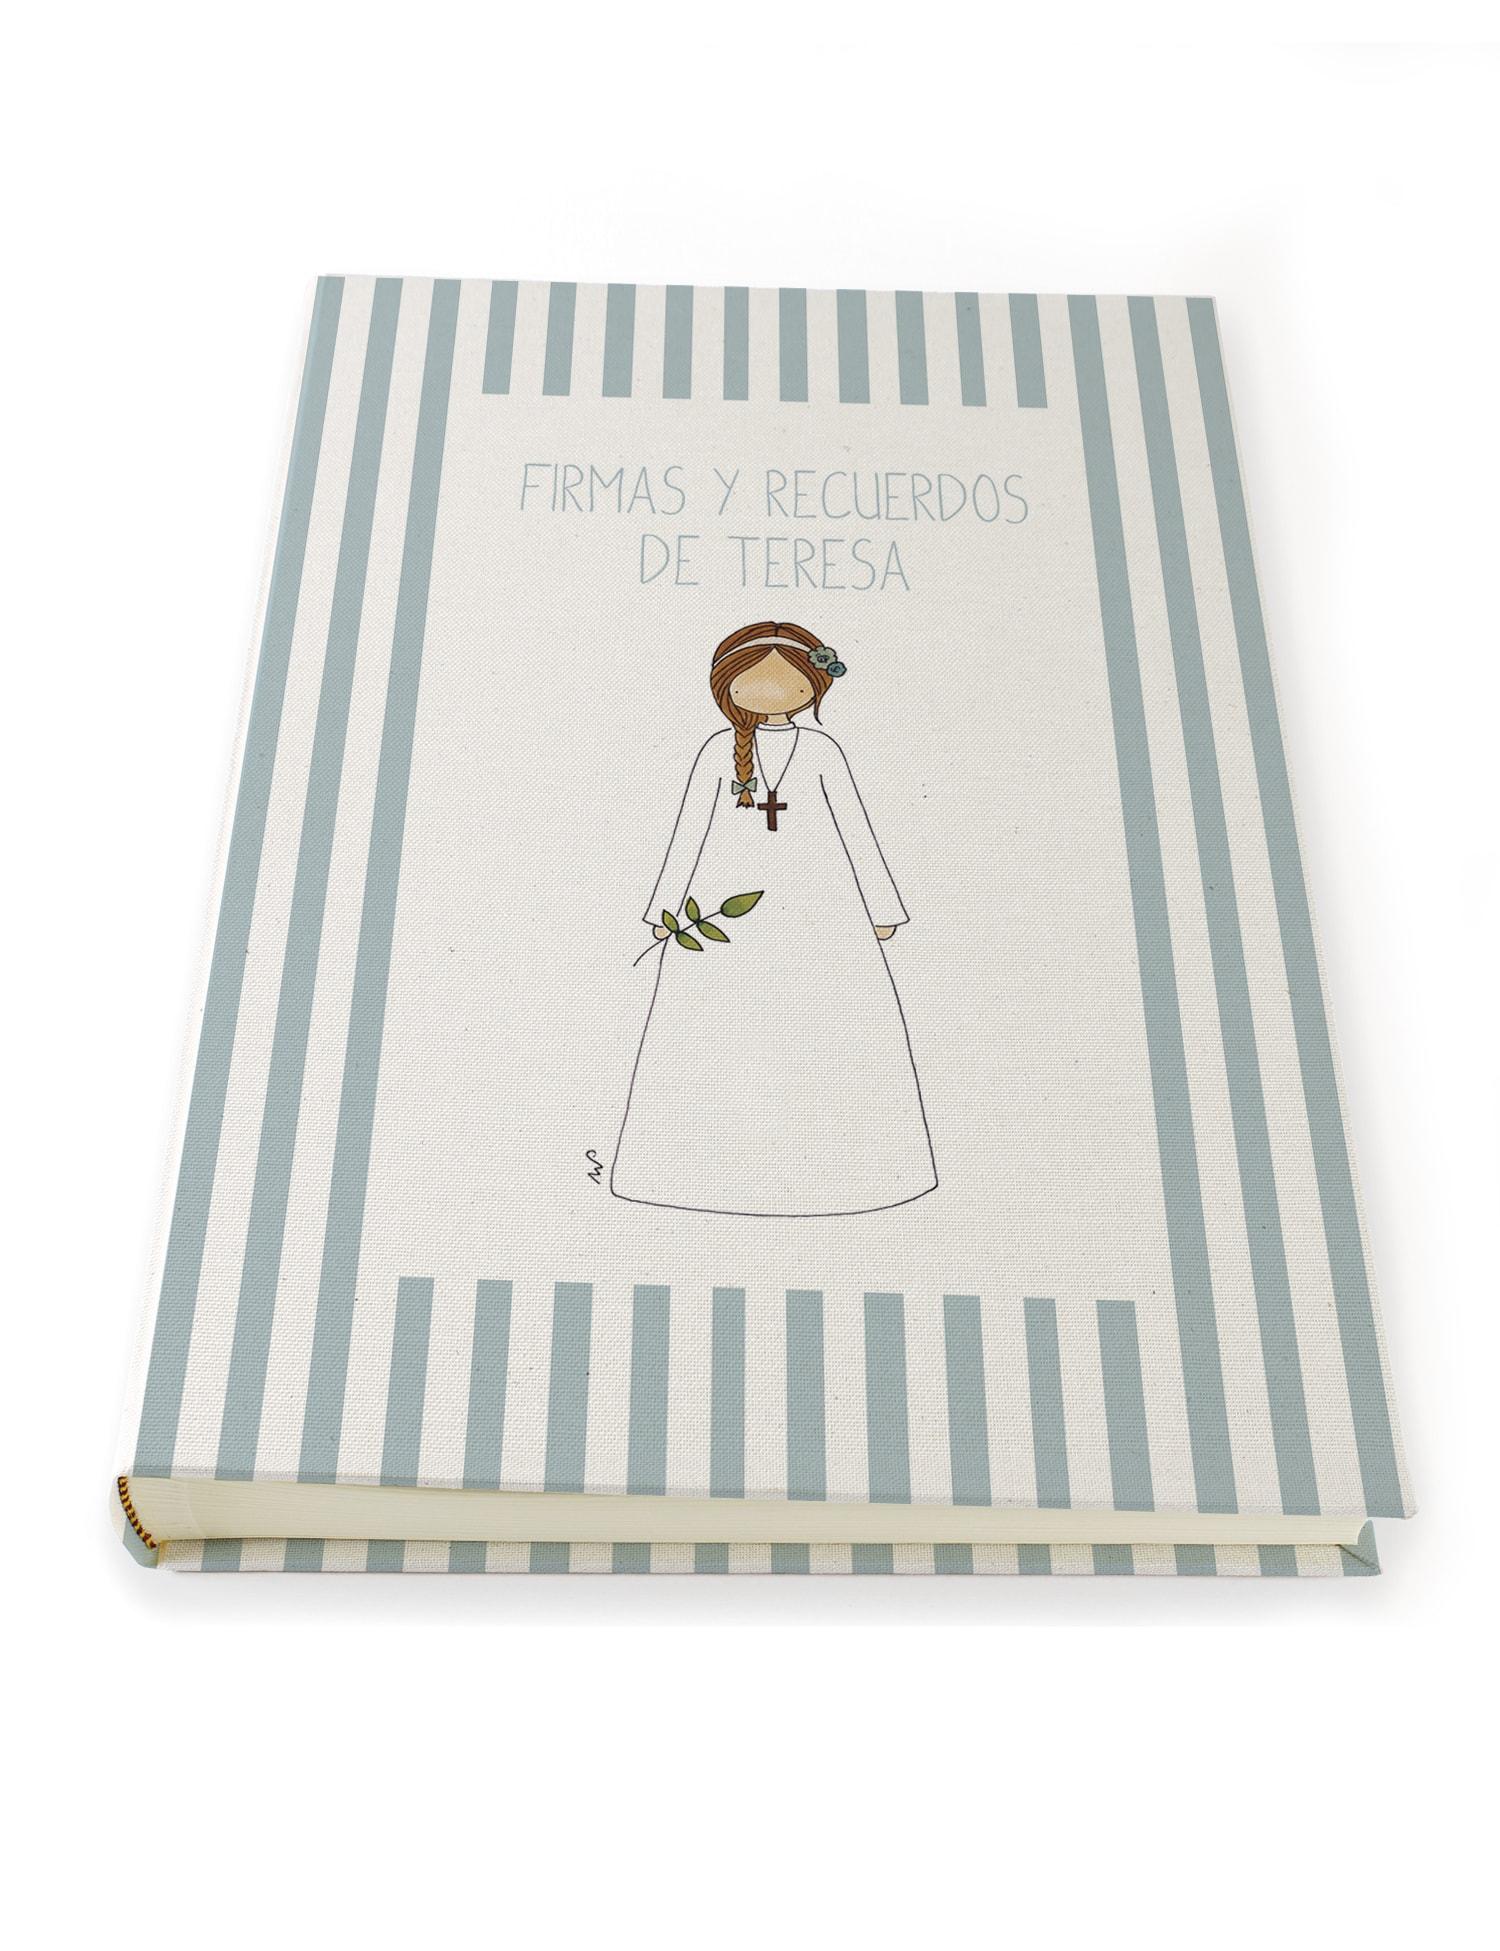 A3 NÑA10 GRECA min - Libro de Firmas Niña 10 Greca